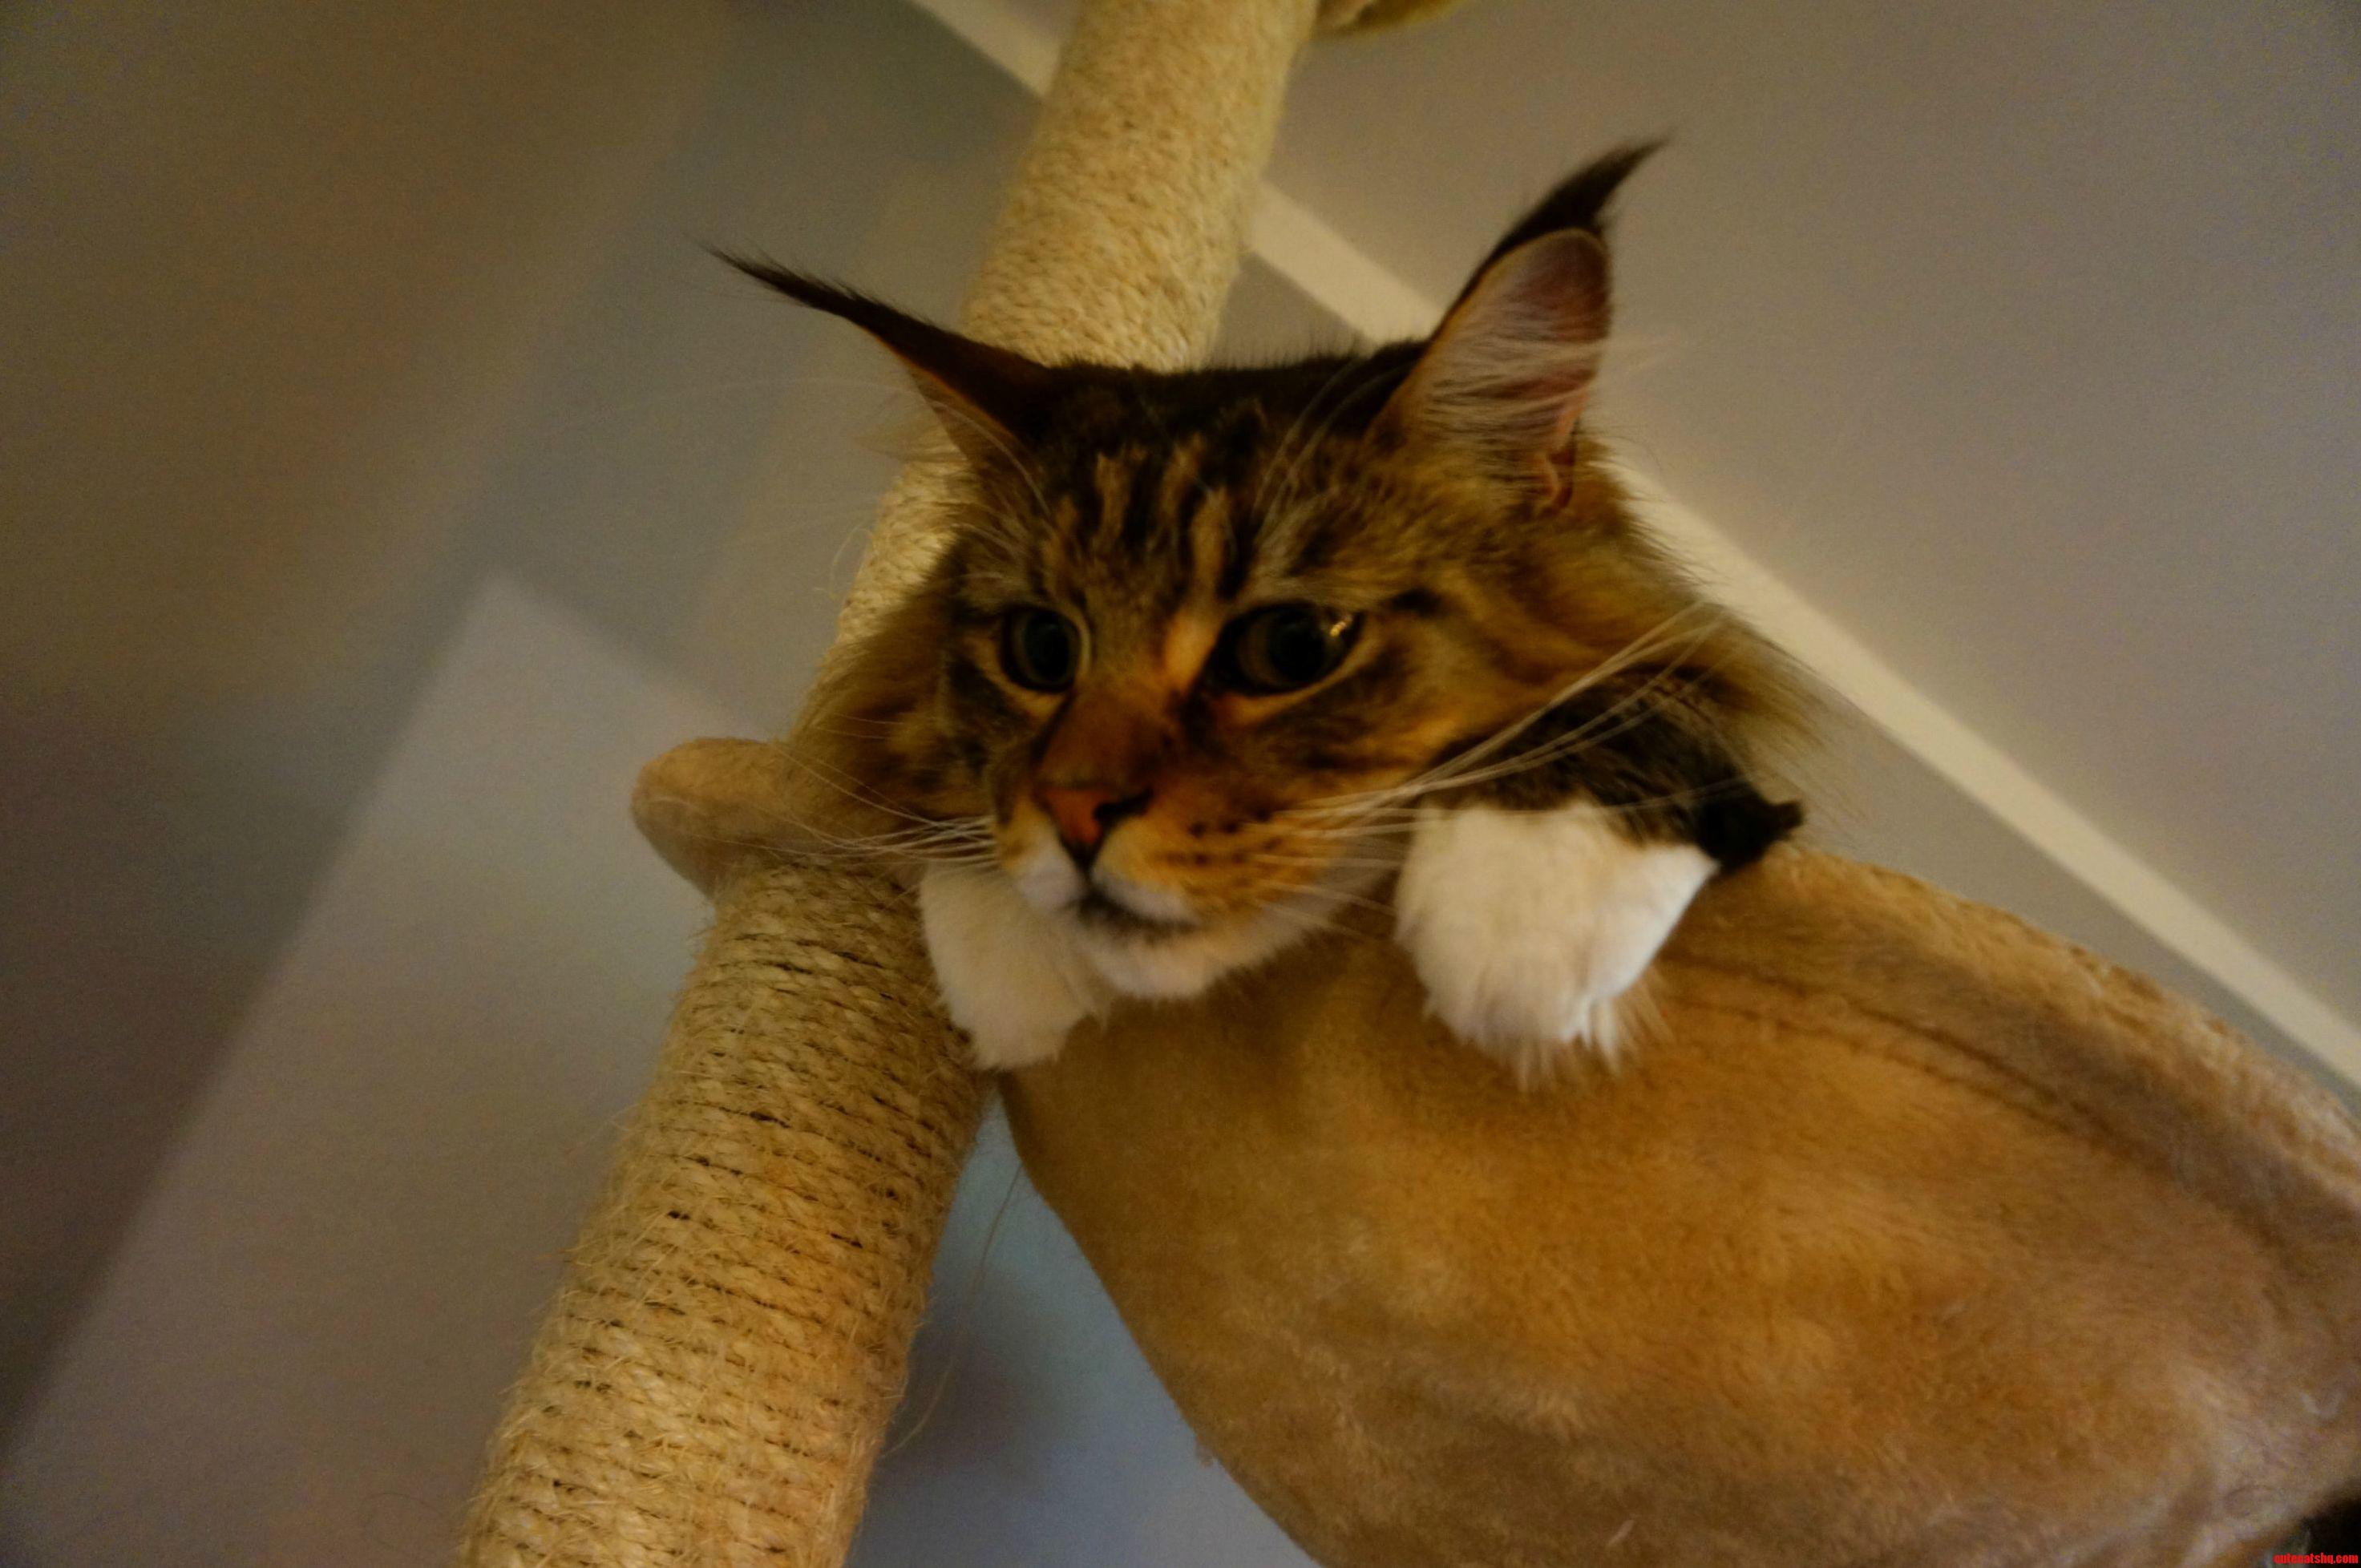 Leon is relaxing in his hammock